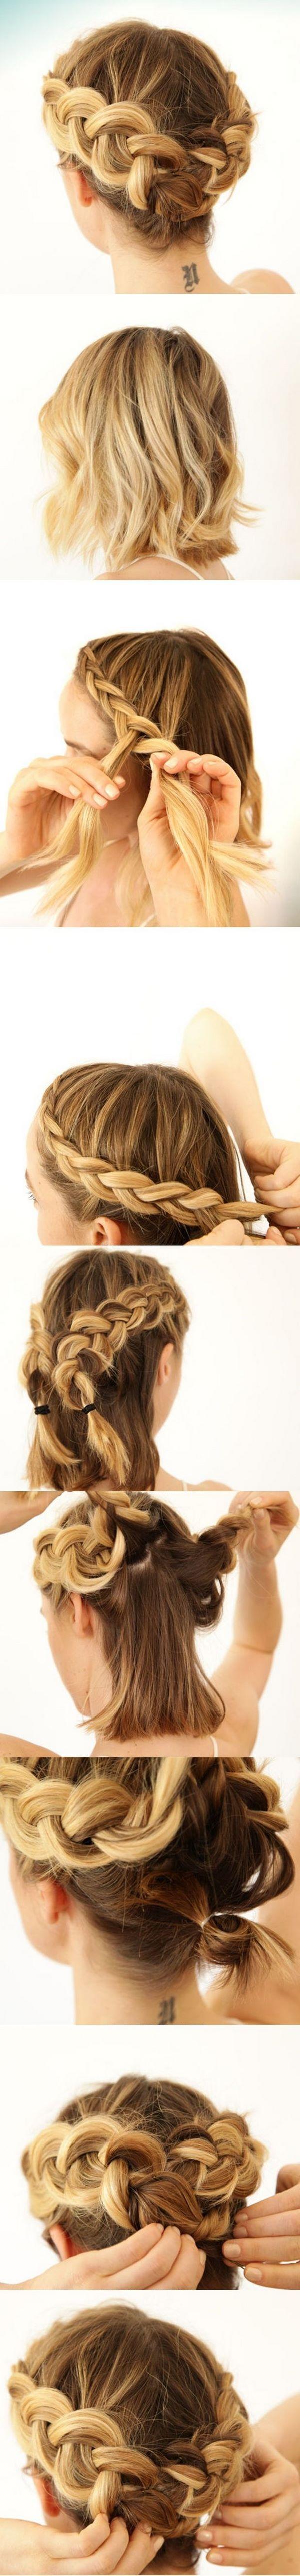 como hacer trenzas para cabello corto